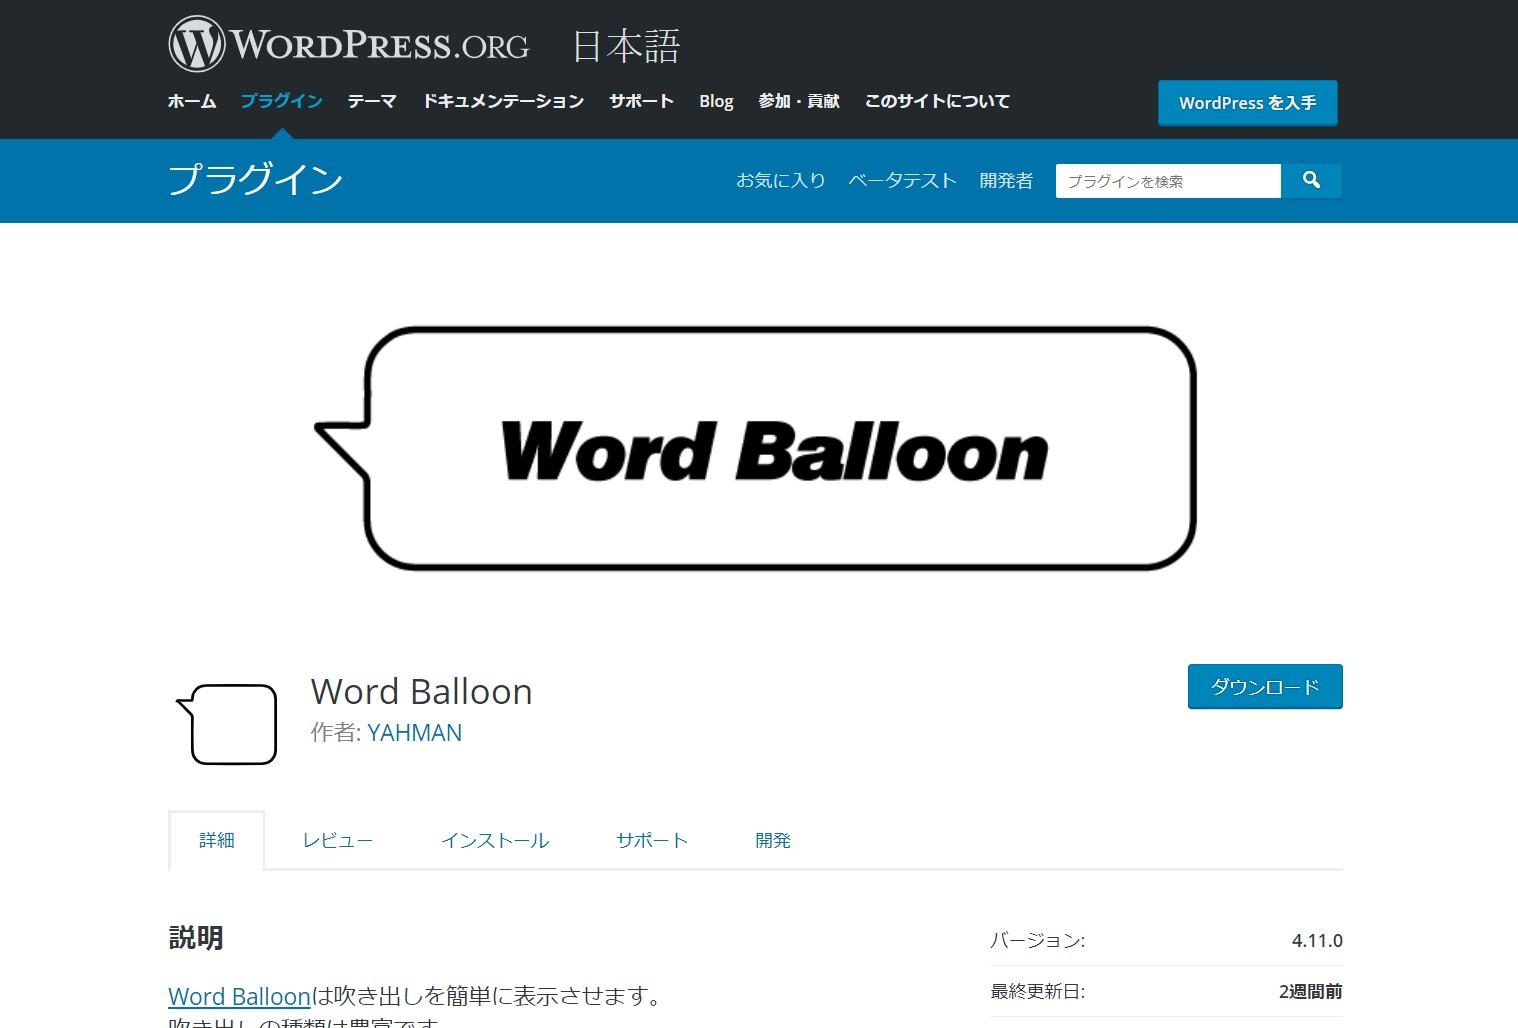 ブログ吹き出しプラグイン①Word Balloon